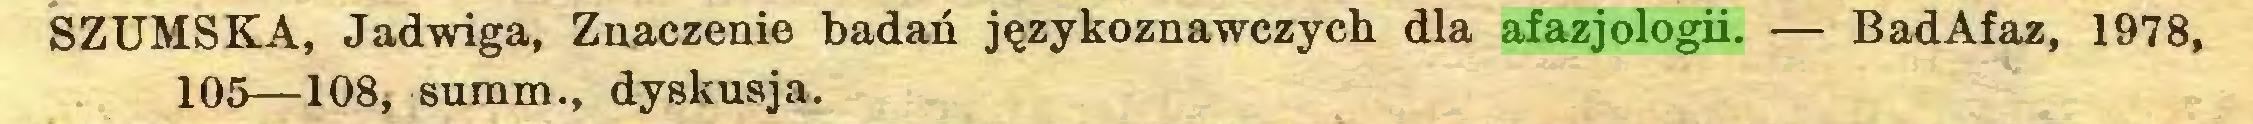 (...) SZUMSKA, Jadwiga, Znaczenie badań językoznawczych dla afazjologii. — BadAfaz, 1978, 105—108* summ., dyskusja...